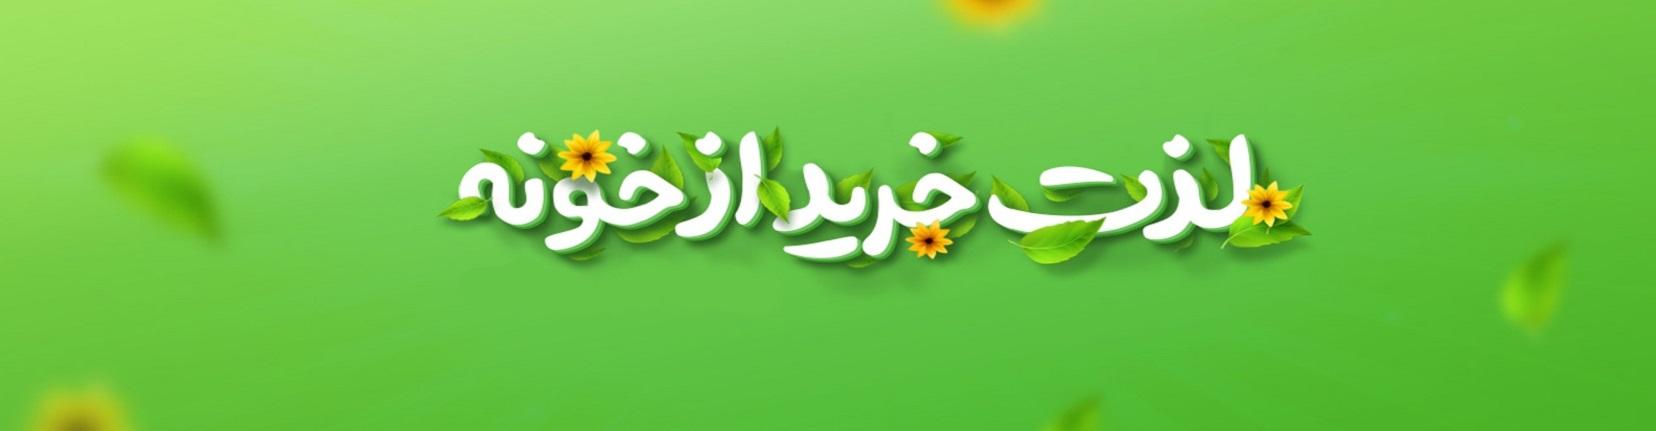 خرید برند گز اصفهان از خانه